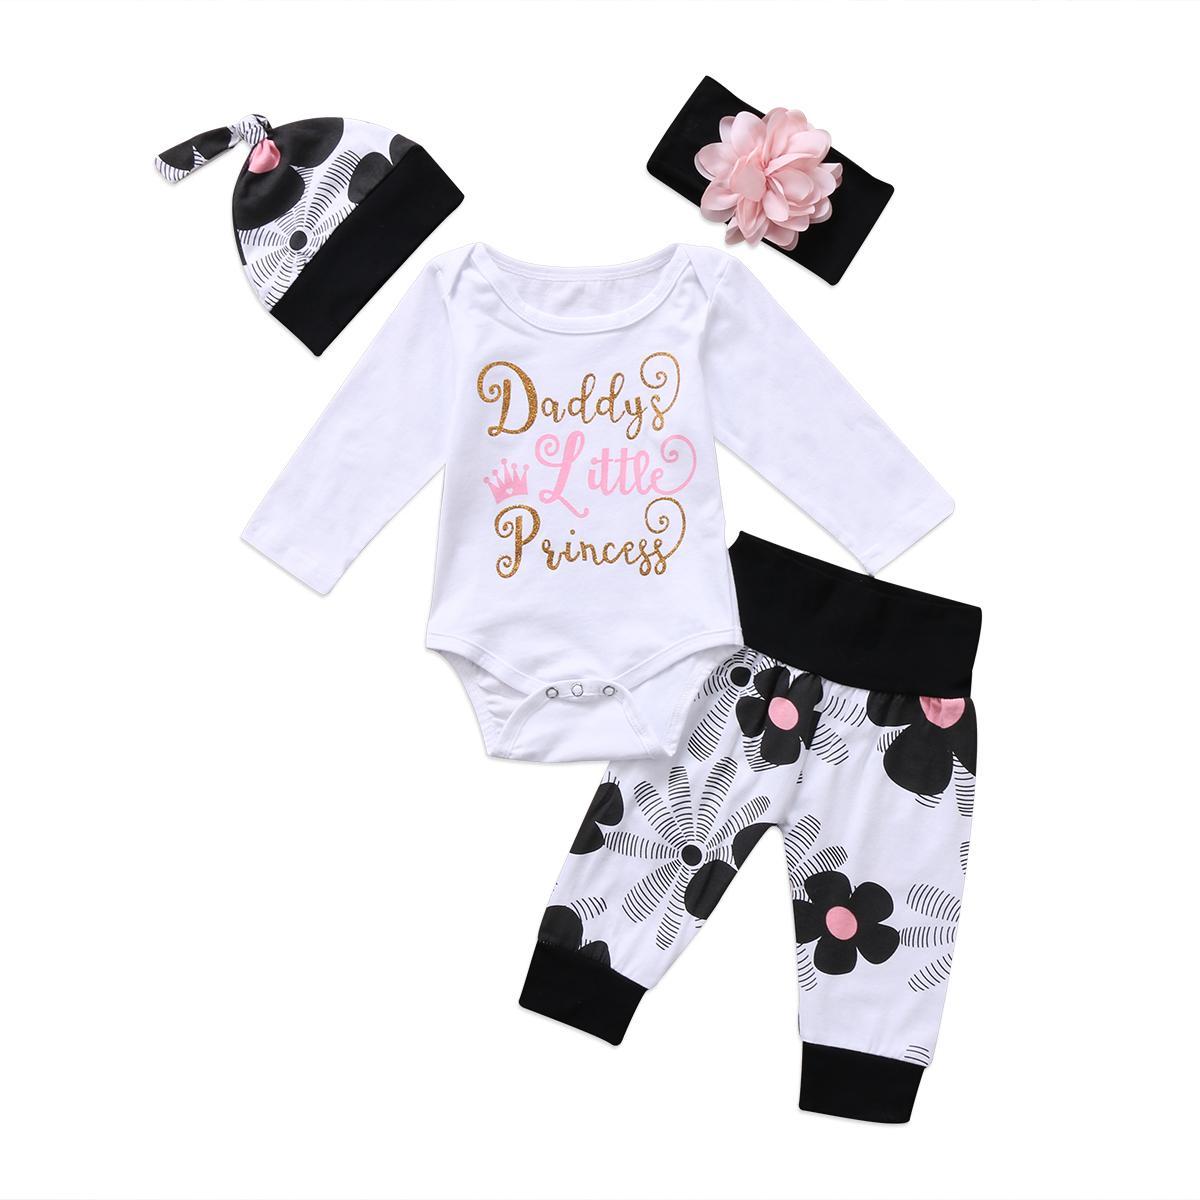 ABD STOK Bebek Kız Giyim Yenidoğan Bebek Kız Giyim Çiçek Tulum Uzun Kollu Harf bodysuit + Kafa Pantolon Kıyafet